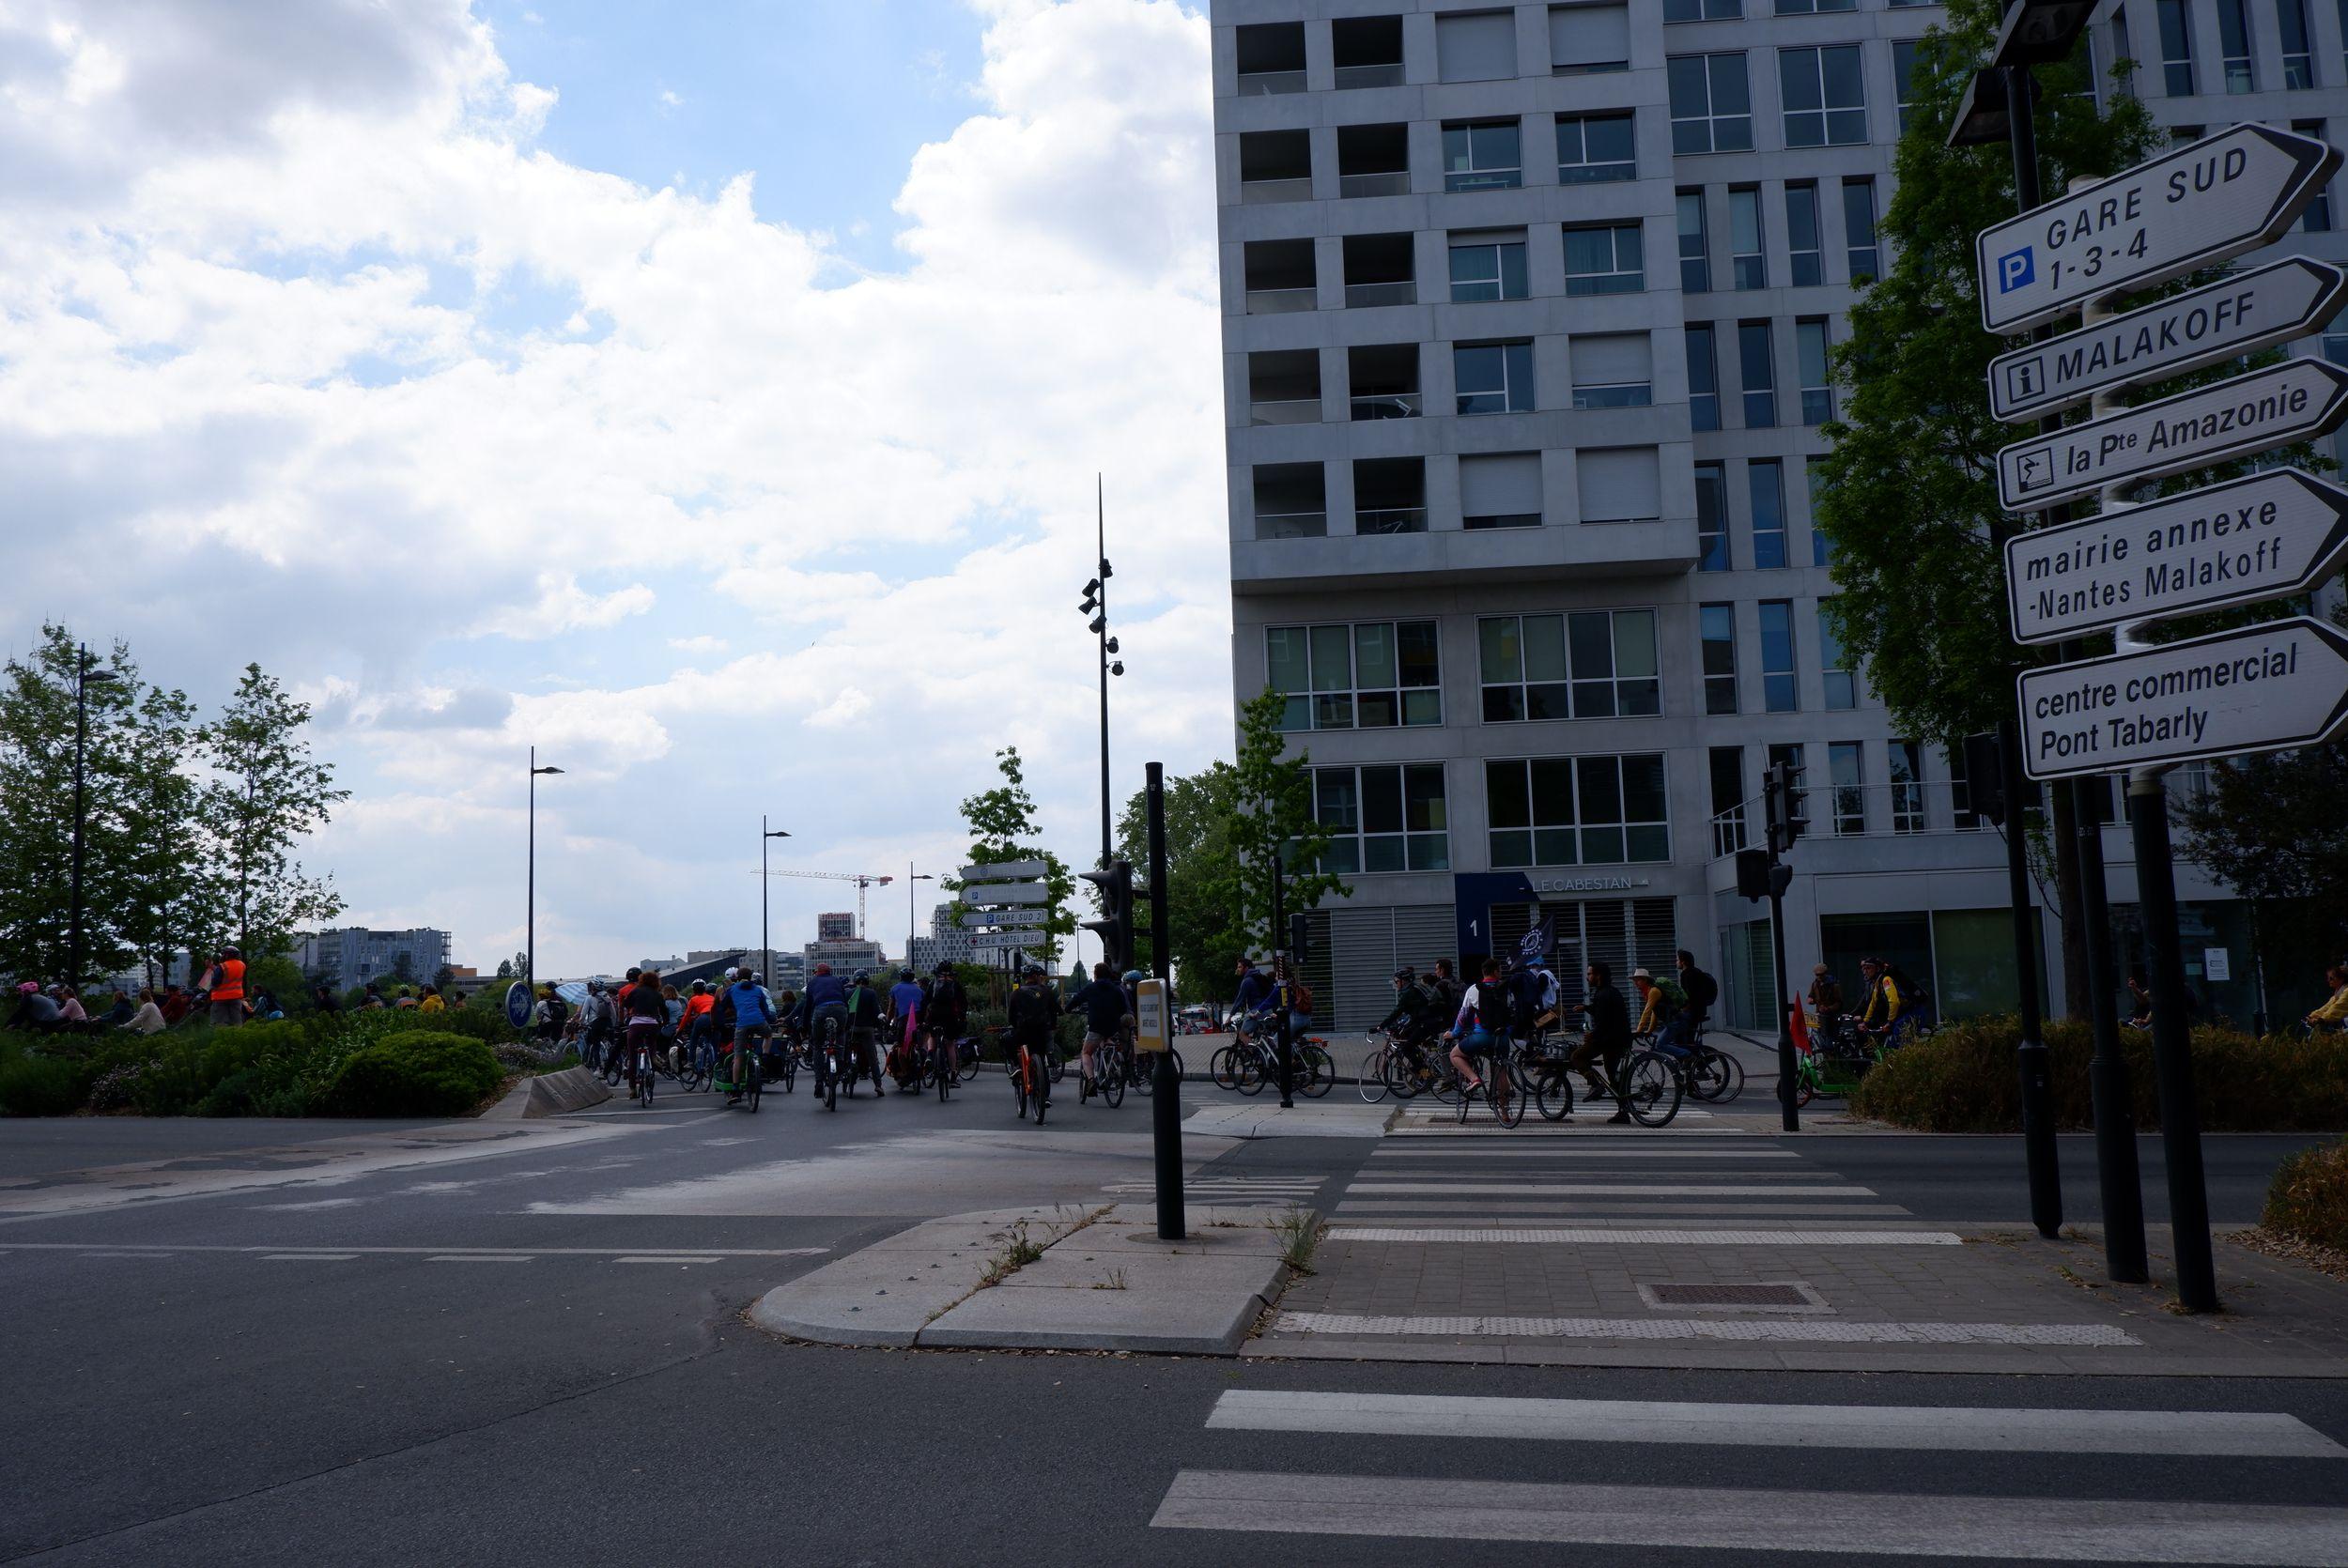 Une bande de vélos sur la place Rosa Parks à Nantes